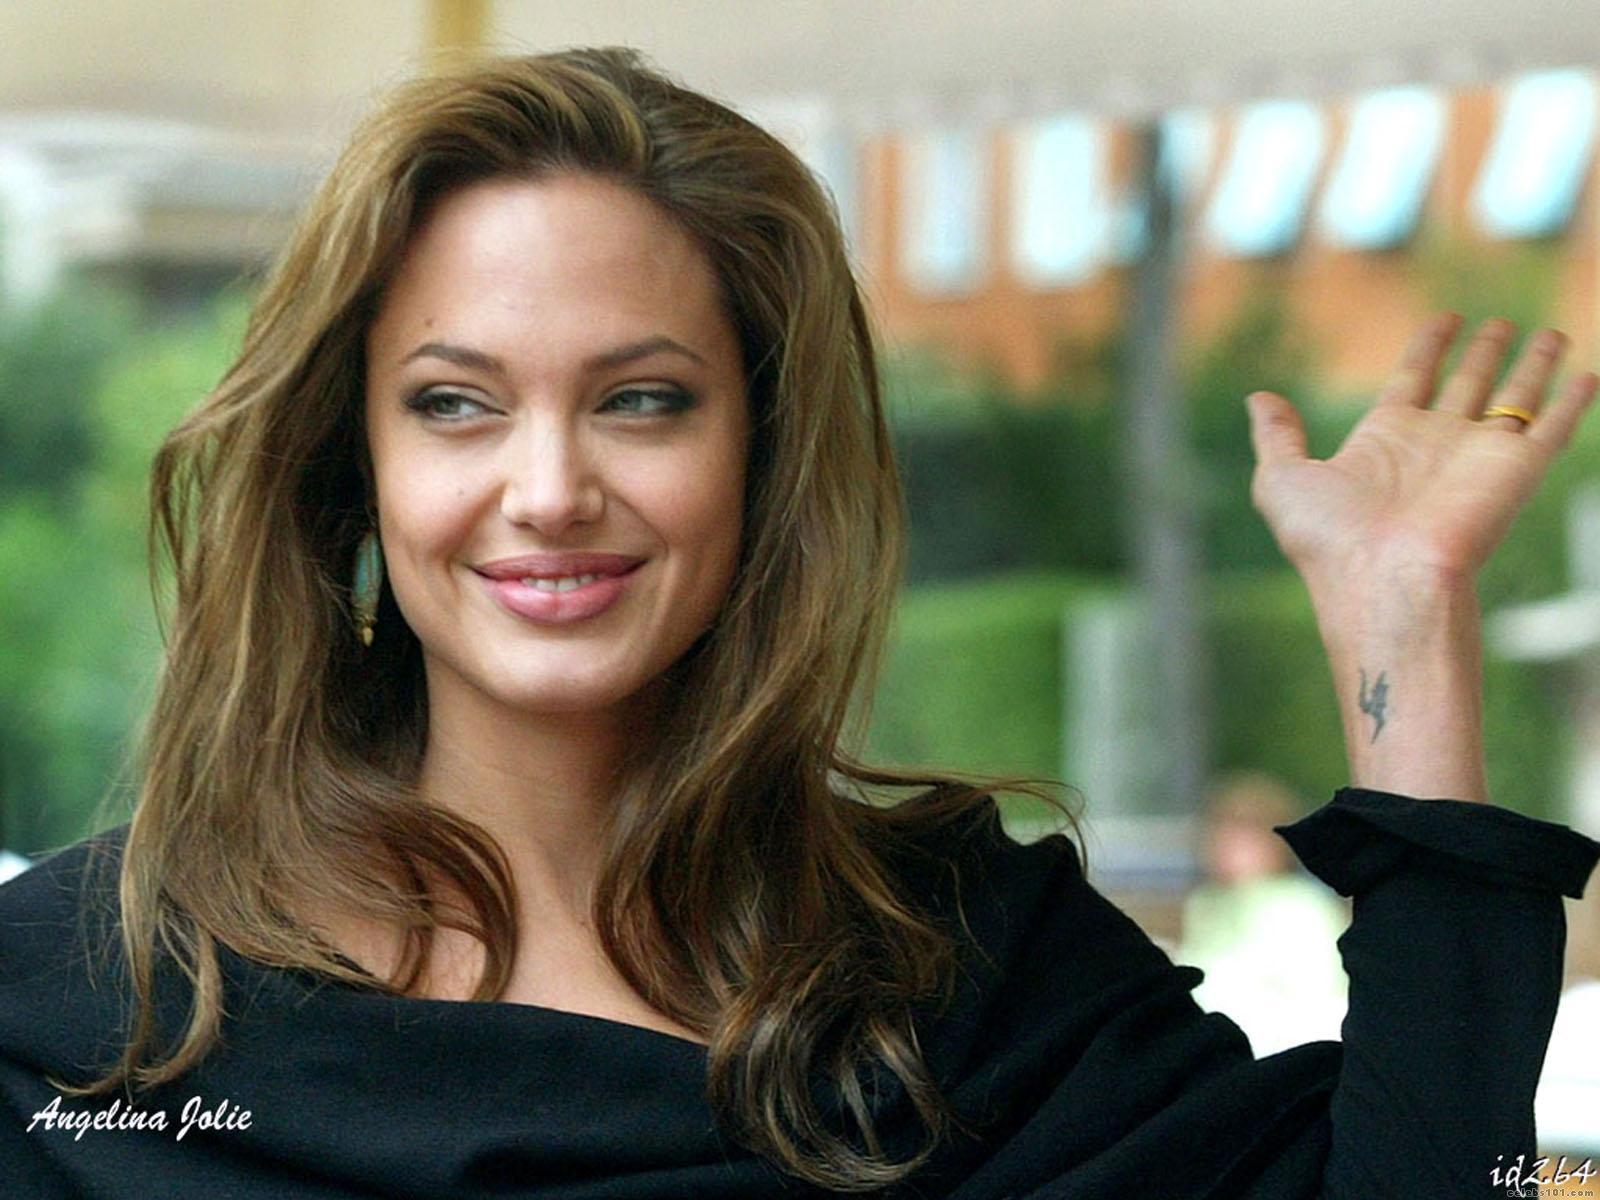 http://2.bp.blogspot.com/_UtNW1JfsC-M/TA6Ssn1TjMI/AAAAAAAAAvc/Y1OAamc6YRk/s1600/Angelina_Jolie+Hot+Girls+Inn.jpg+%288%29.jpg